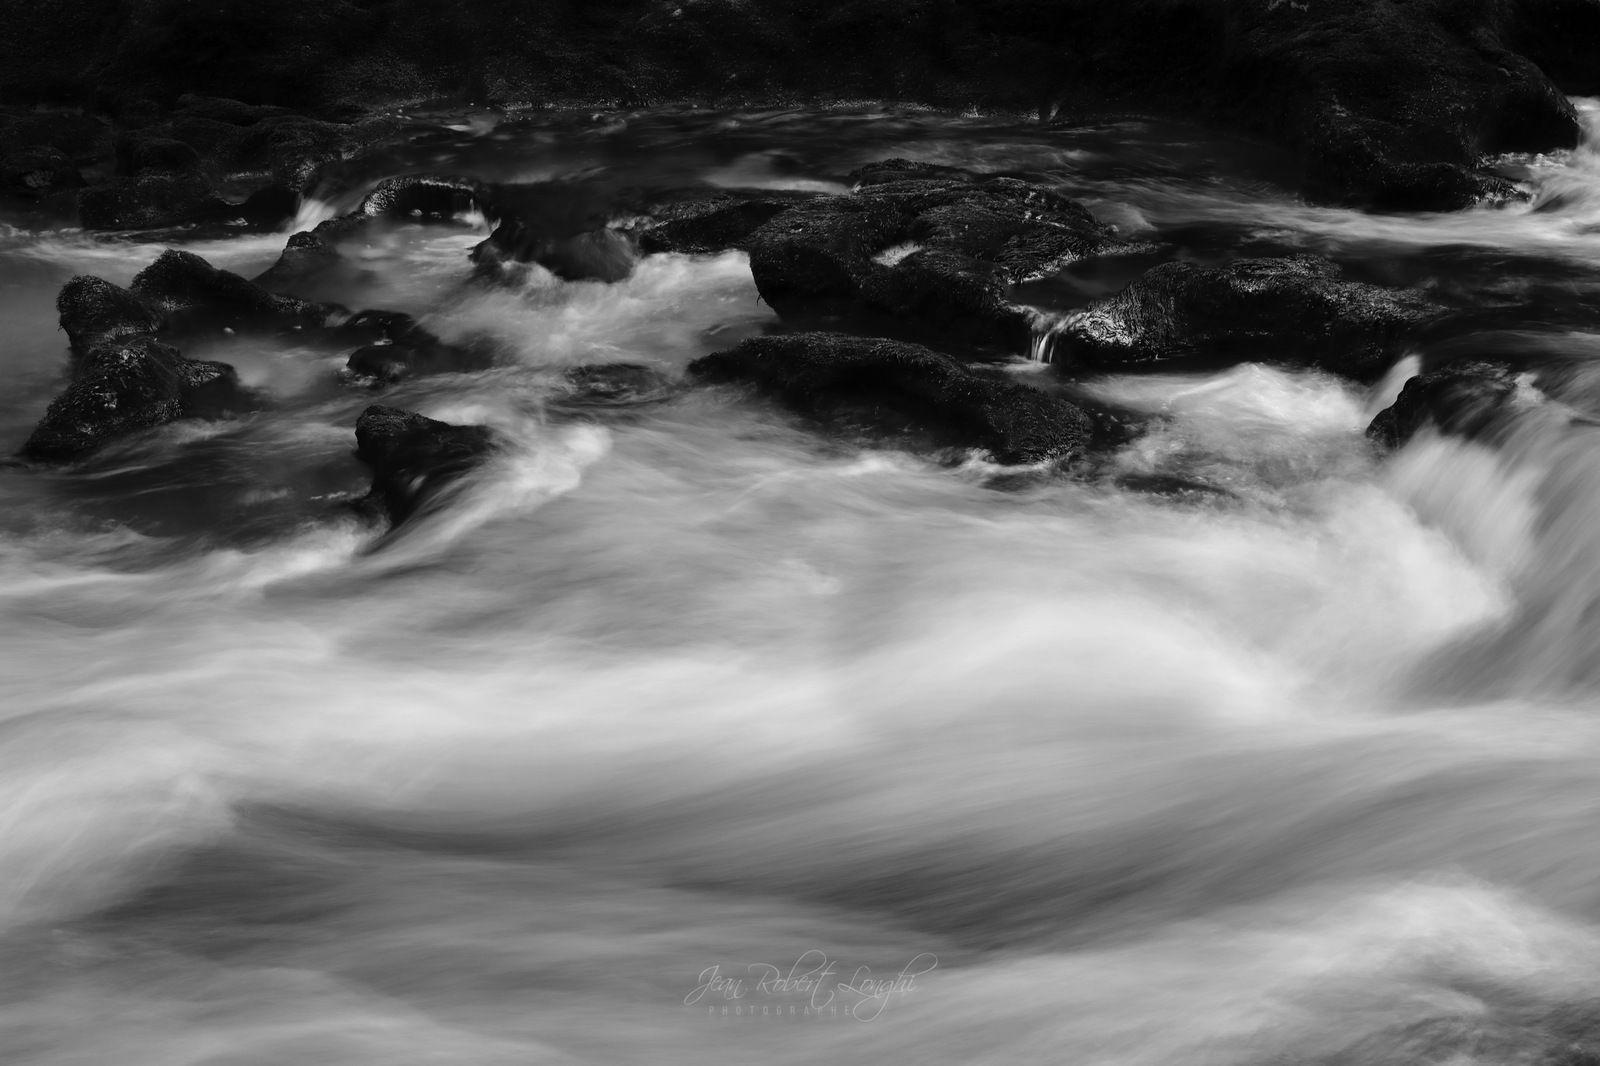 RÉSONANCE : LOUE, TUMULTE ET SÉRÉNITÉ - 12 -©2020 Jean-Robert Longhi Photographie non libre de droits